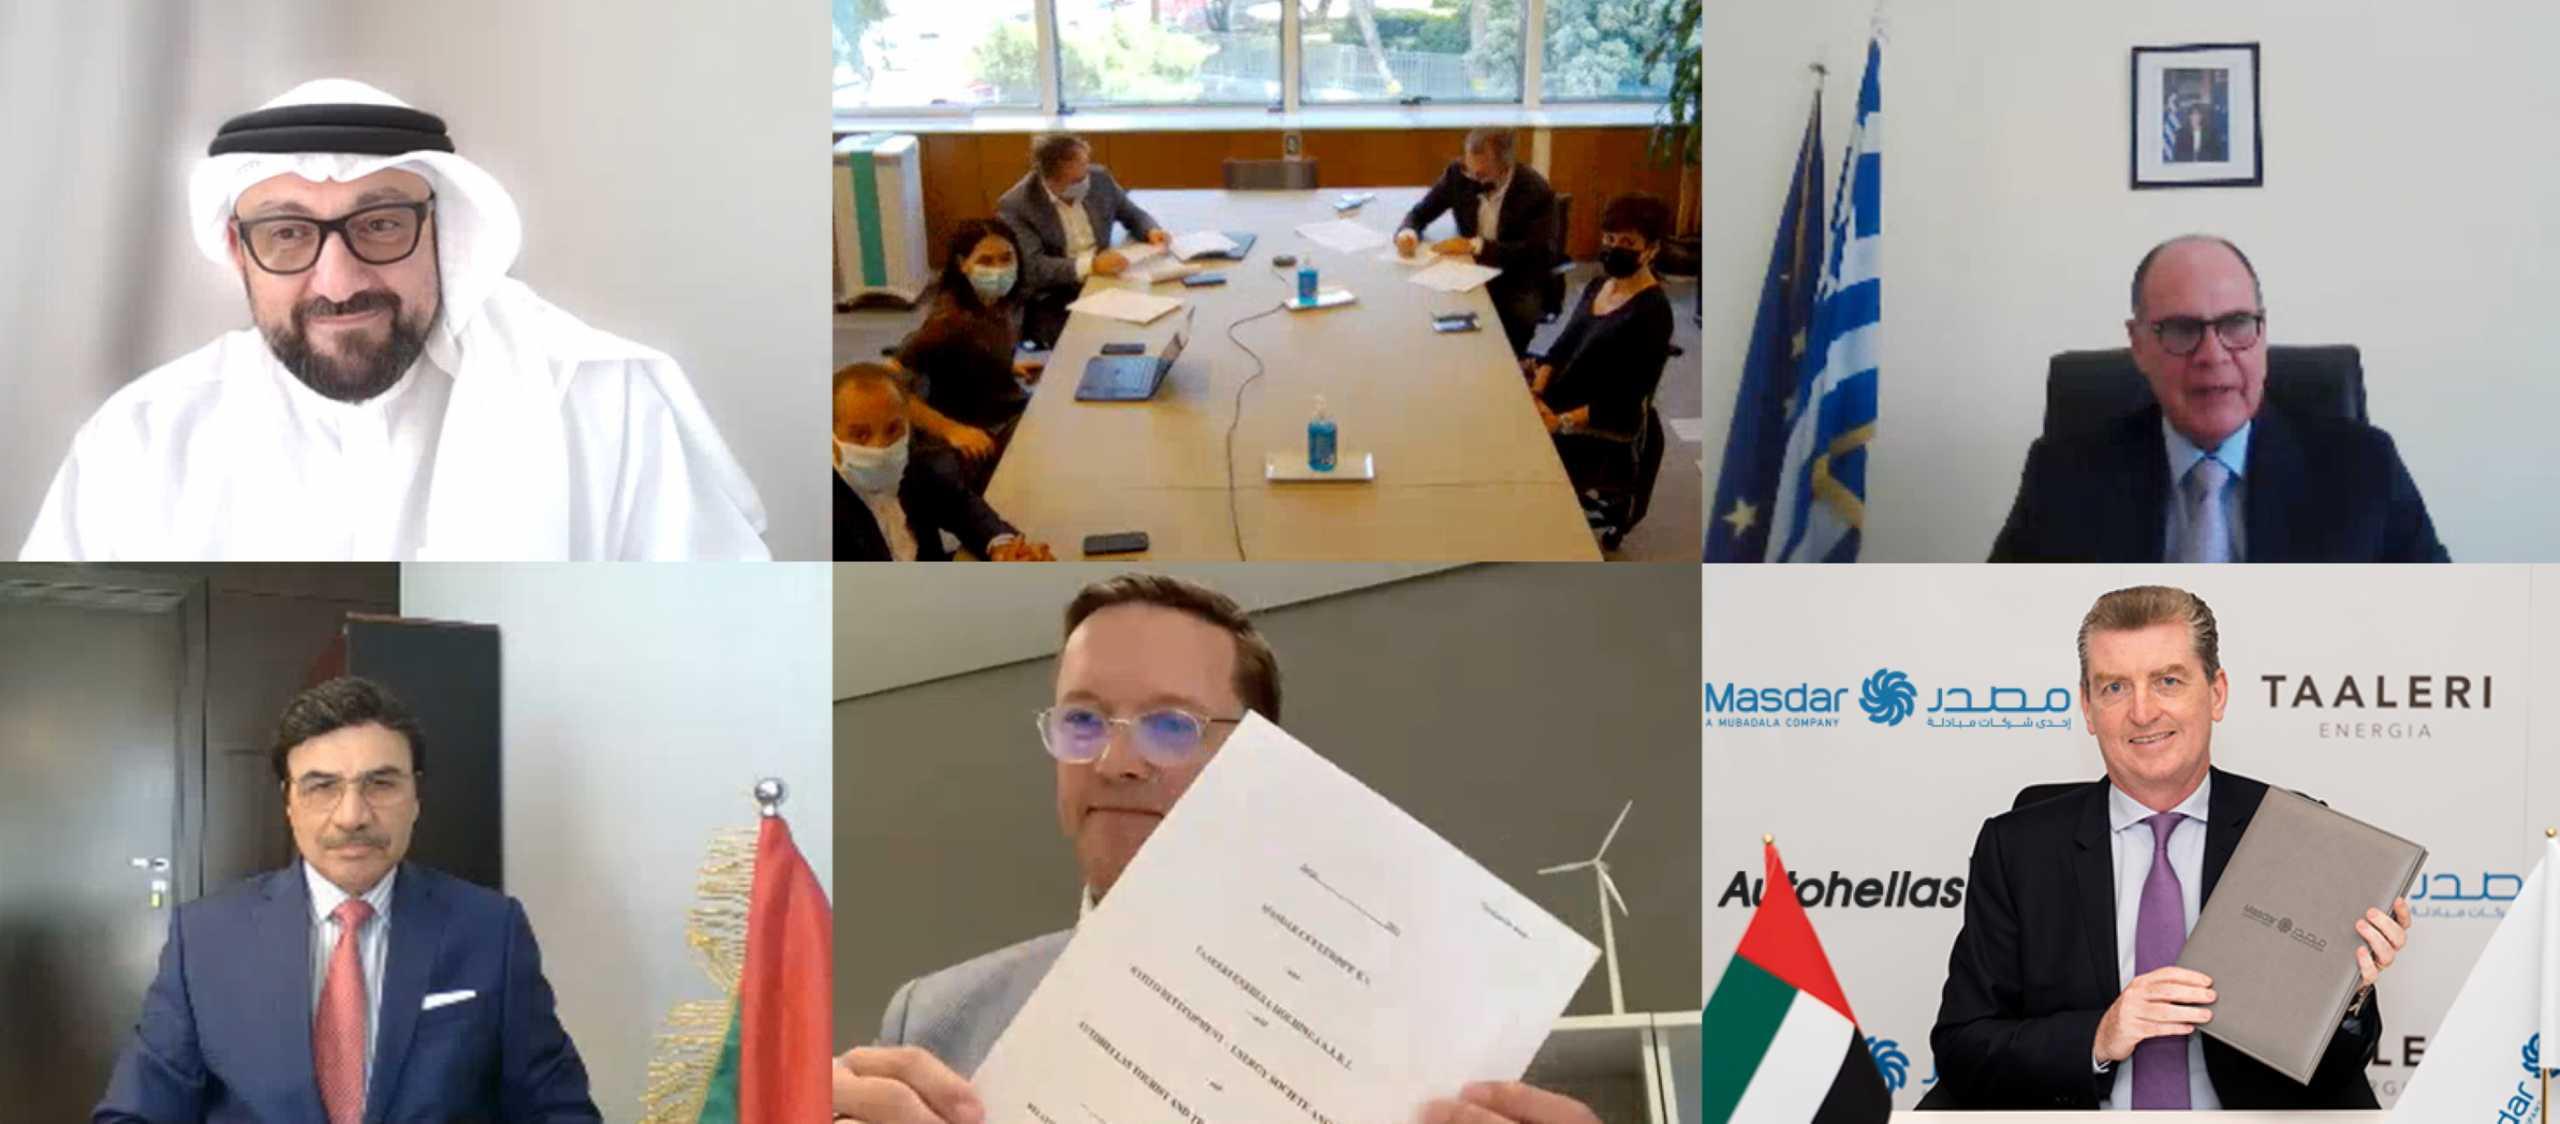 «Συμμαχία» στην ενέργεια: Κωνσταντακόπουλος, Autohellas και Masdar κατασκευάζουν φωτοβολταϊκό πάρκο 65 MW